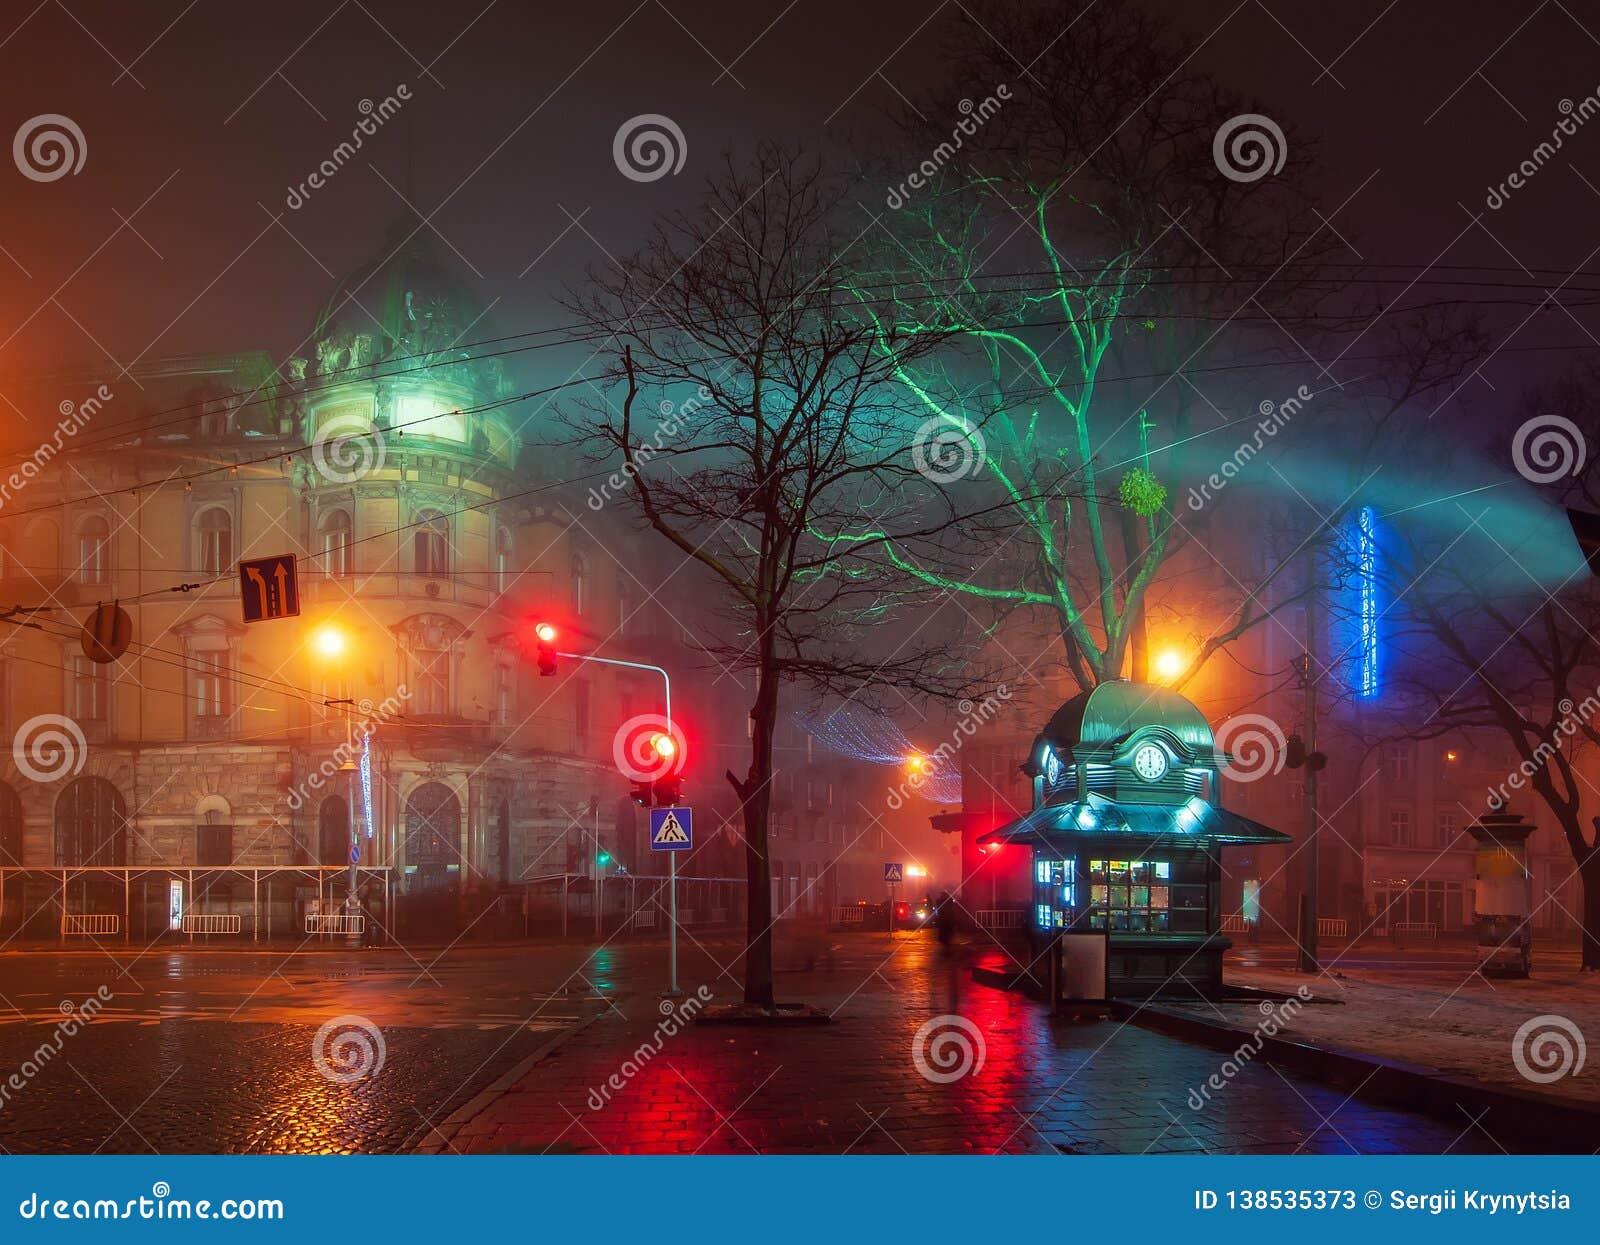 Όμορφο nightscape του κέντρου πόλεων Lviv, Ουκρανία στην ομιχλώδη νύχτα